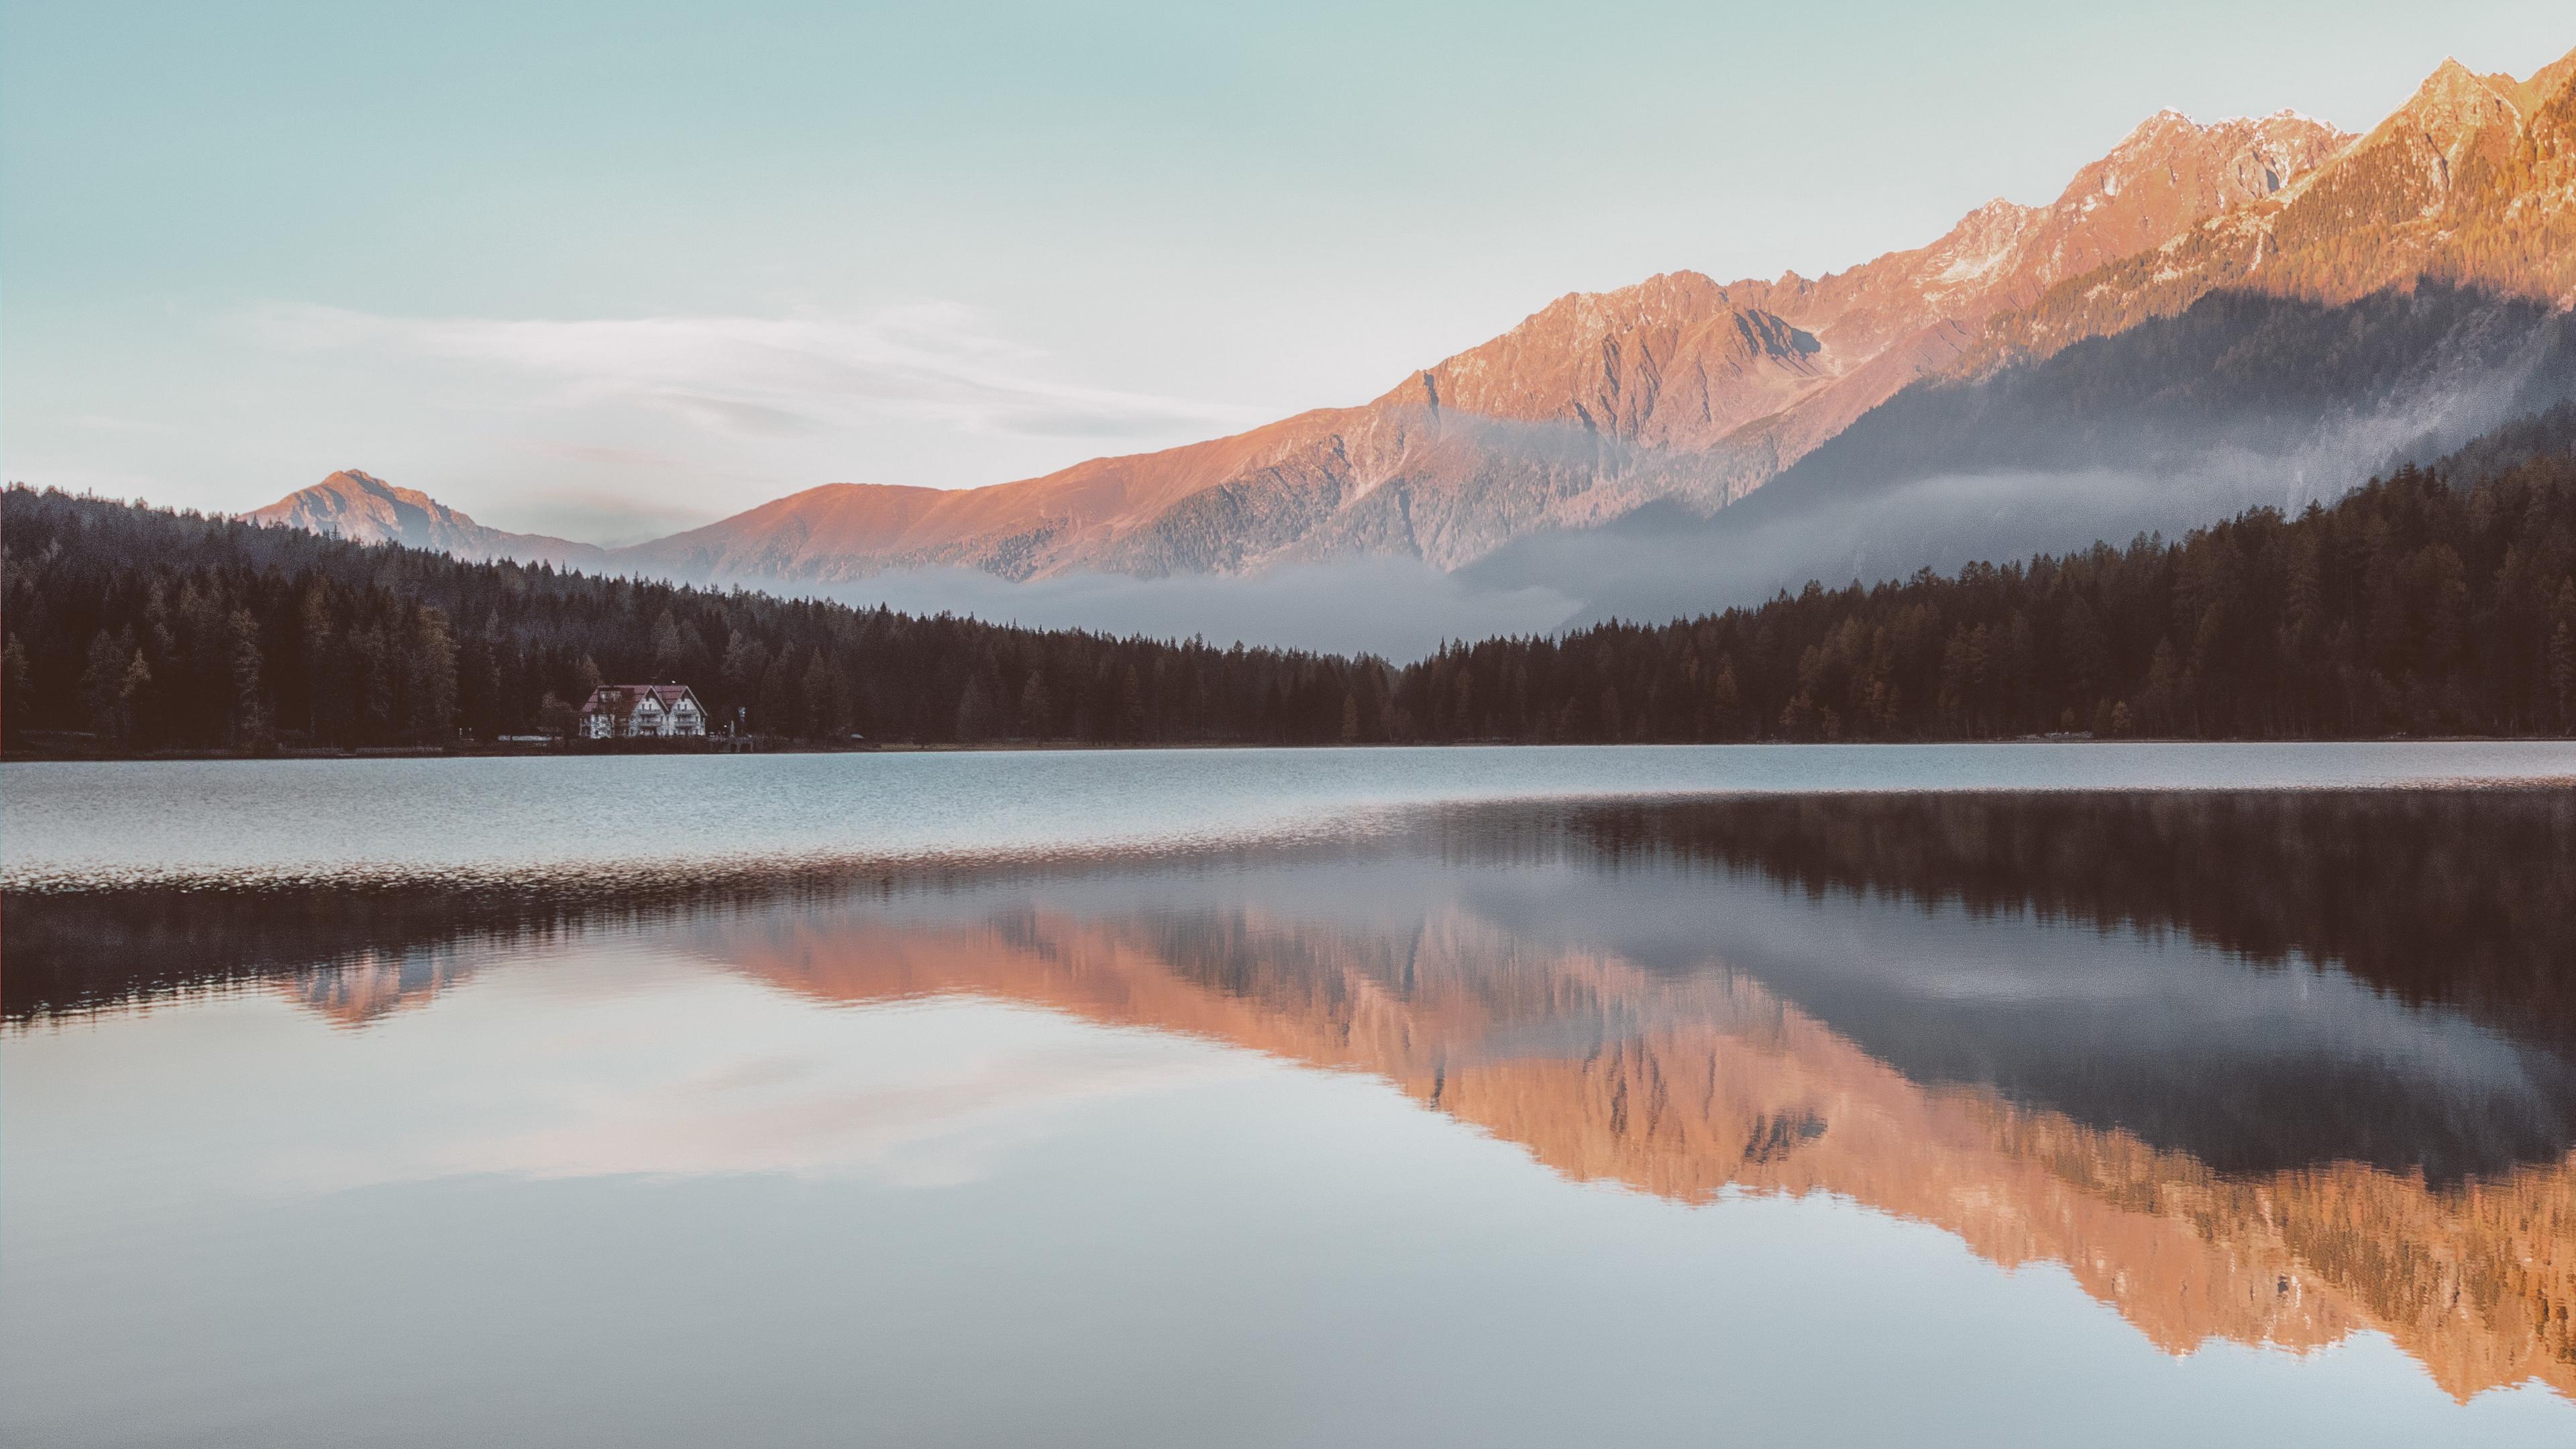 mountains house lake reflection 4k 1541116627 - mountains, house, lake, reflection 4k - Mountains, Lake, House